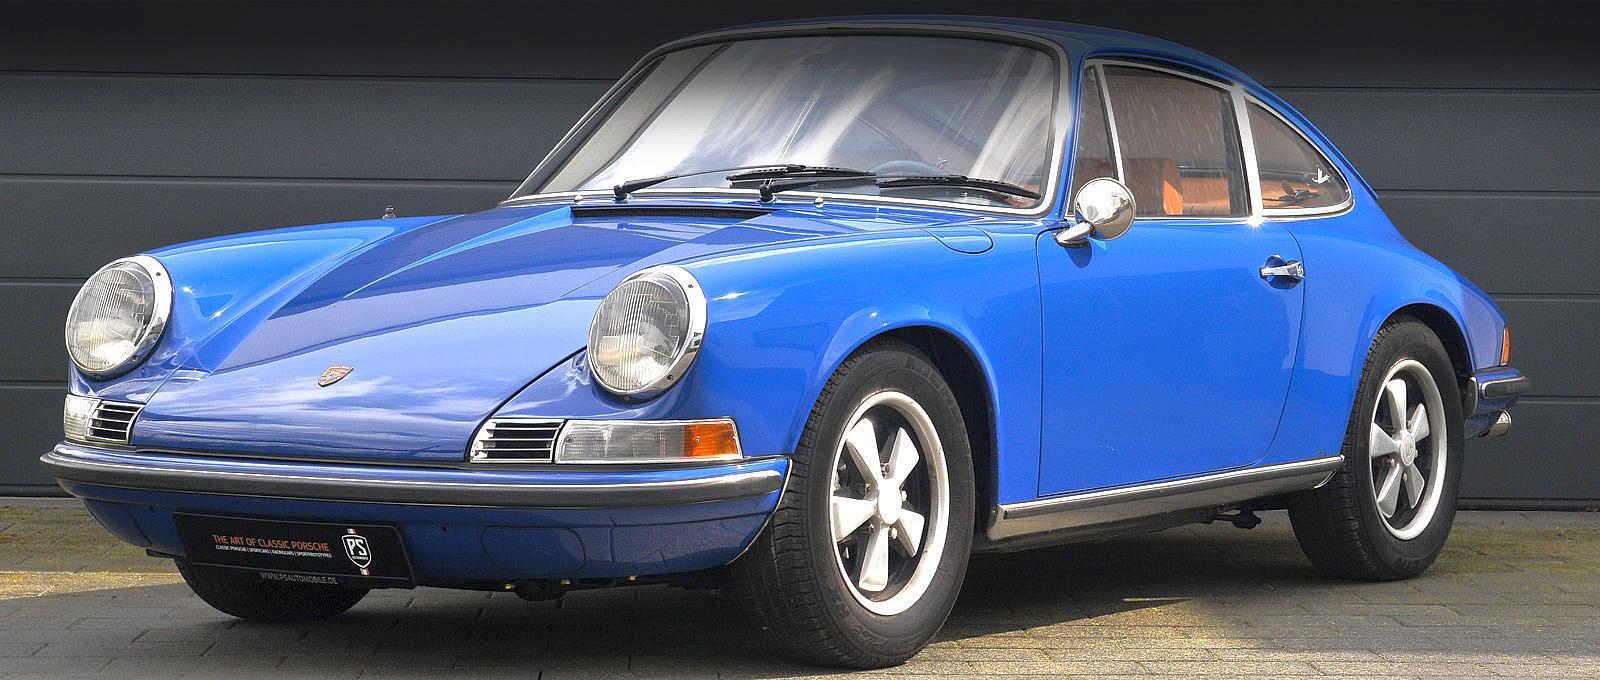 Porsche 911 2.0 S Coupé